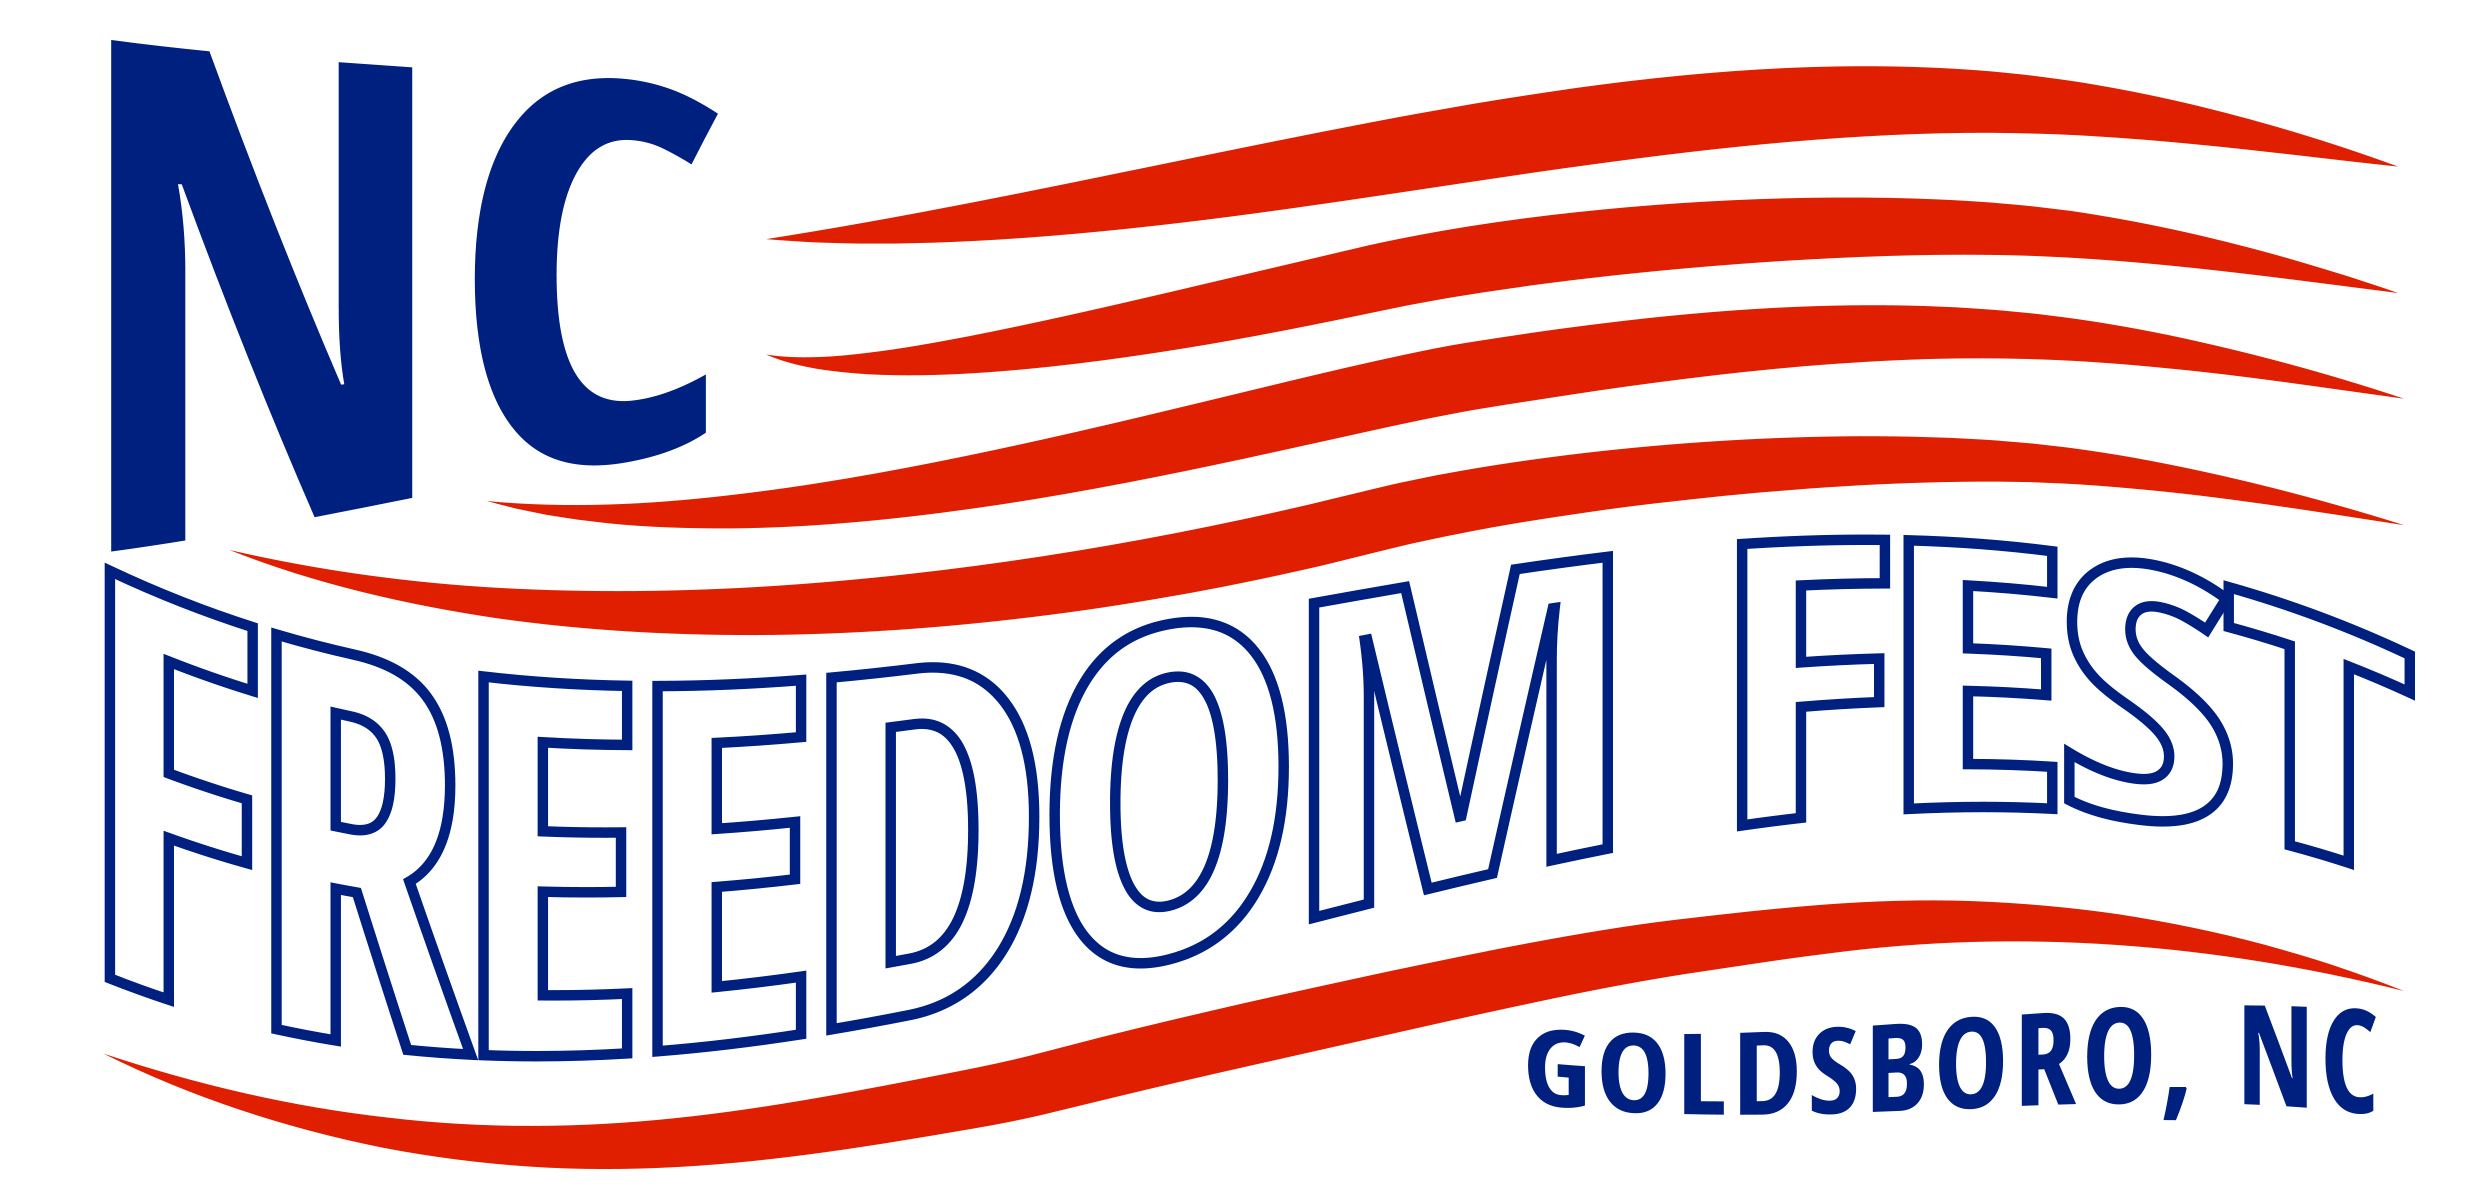 Goldsboro Postpones NC Freedom Fest Until August